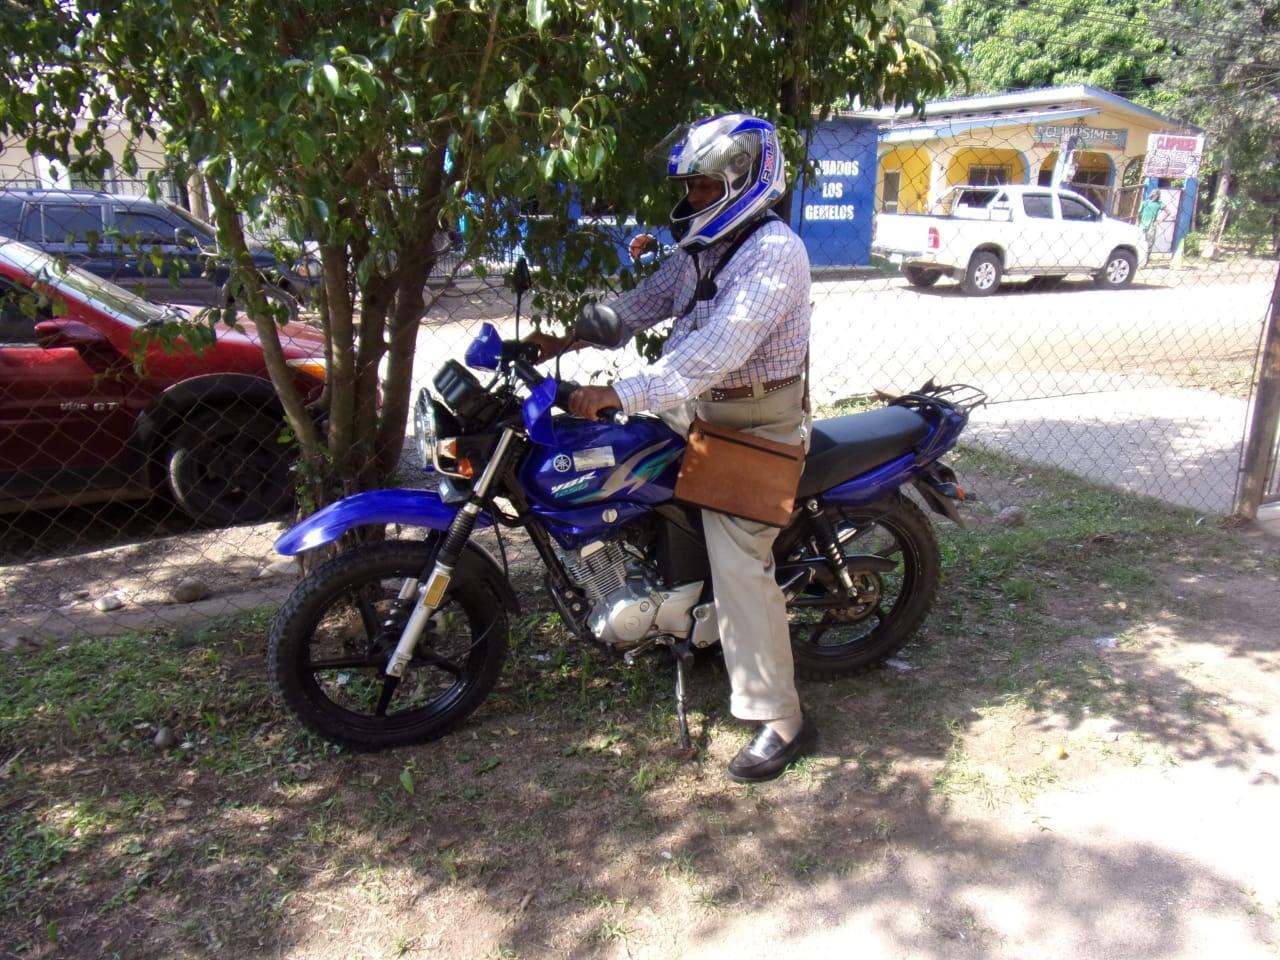 Tras liberación entregan moto al Ápostol Zúniga, quien tendrá que cumplir medida por no respetar toque de queda